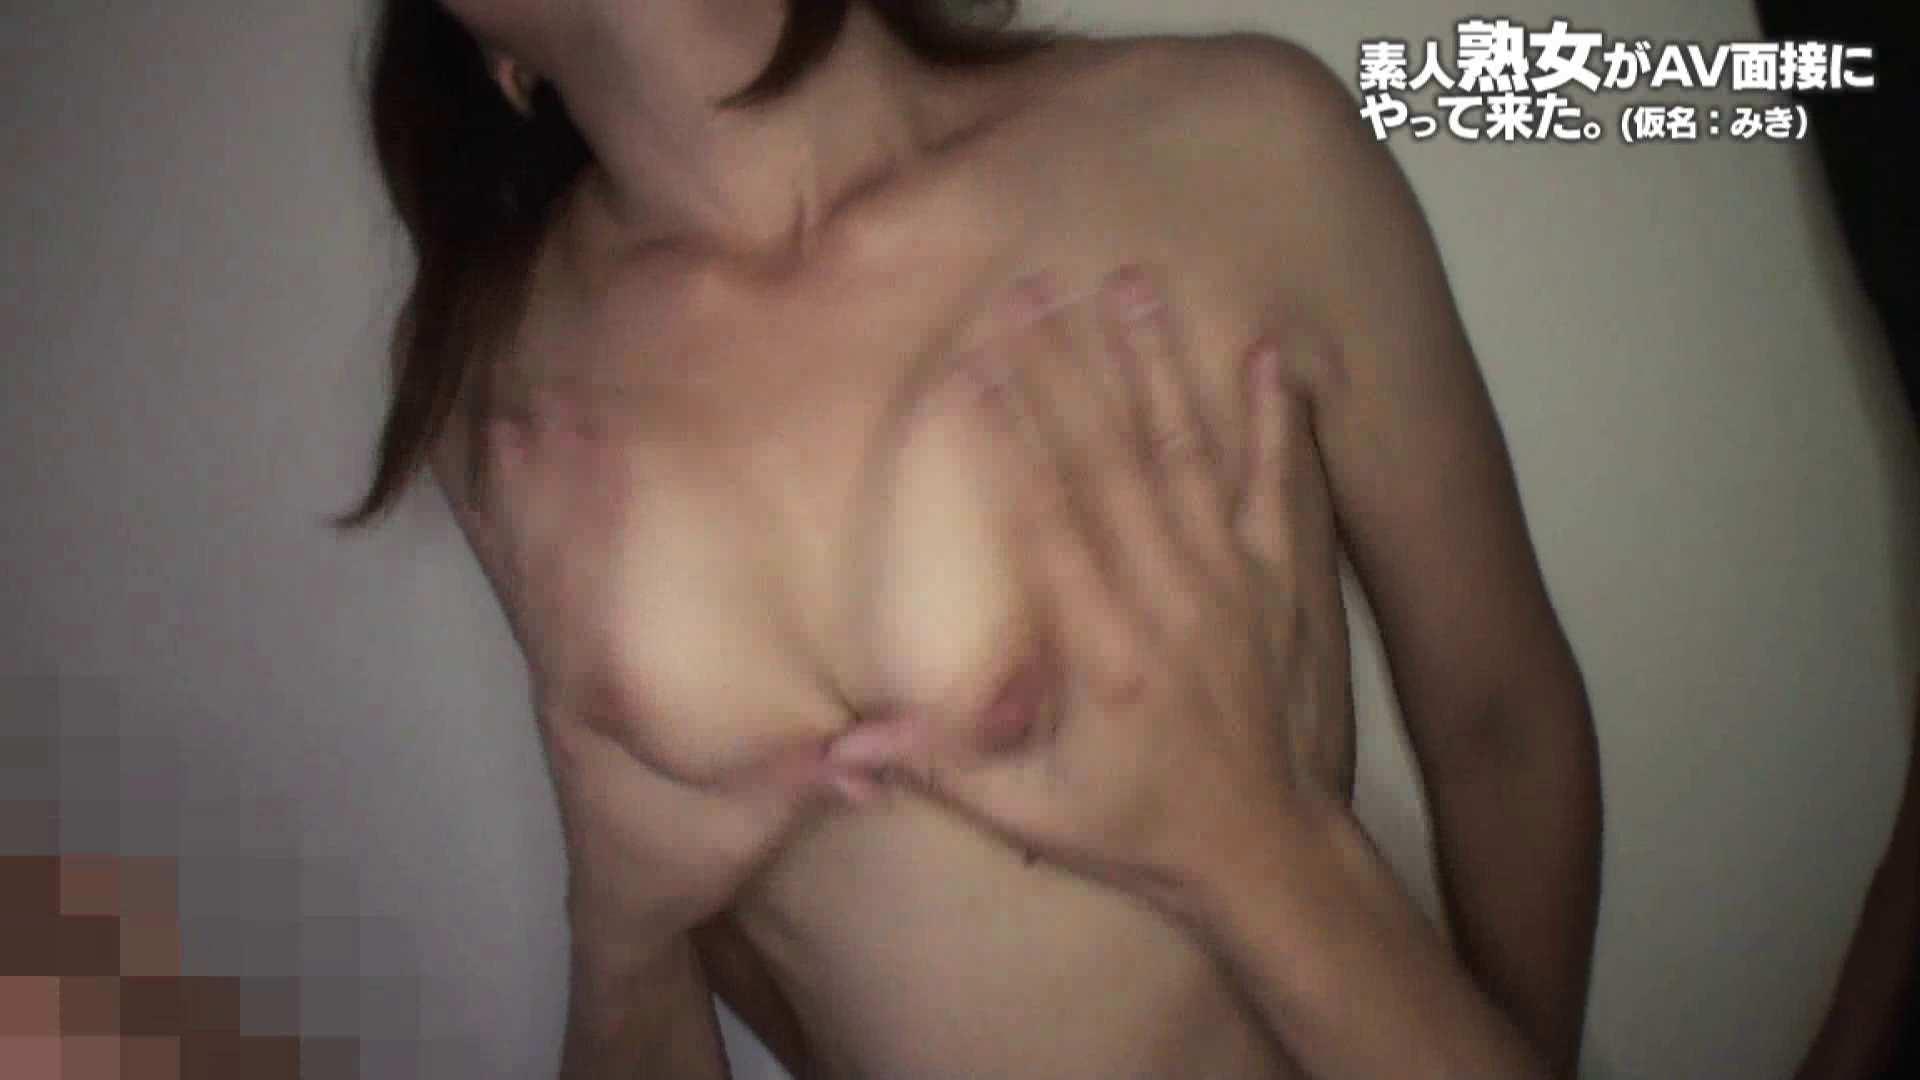 素人熟女がAV面接にやってきた (熟女)みきさんVOL.04(前編) お姉さんのセックス ヌード画像 90枚 43